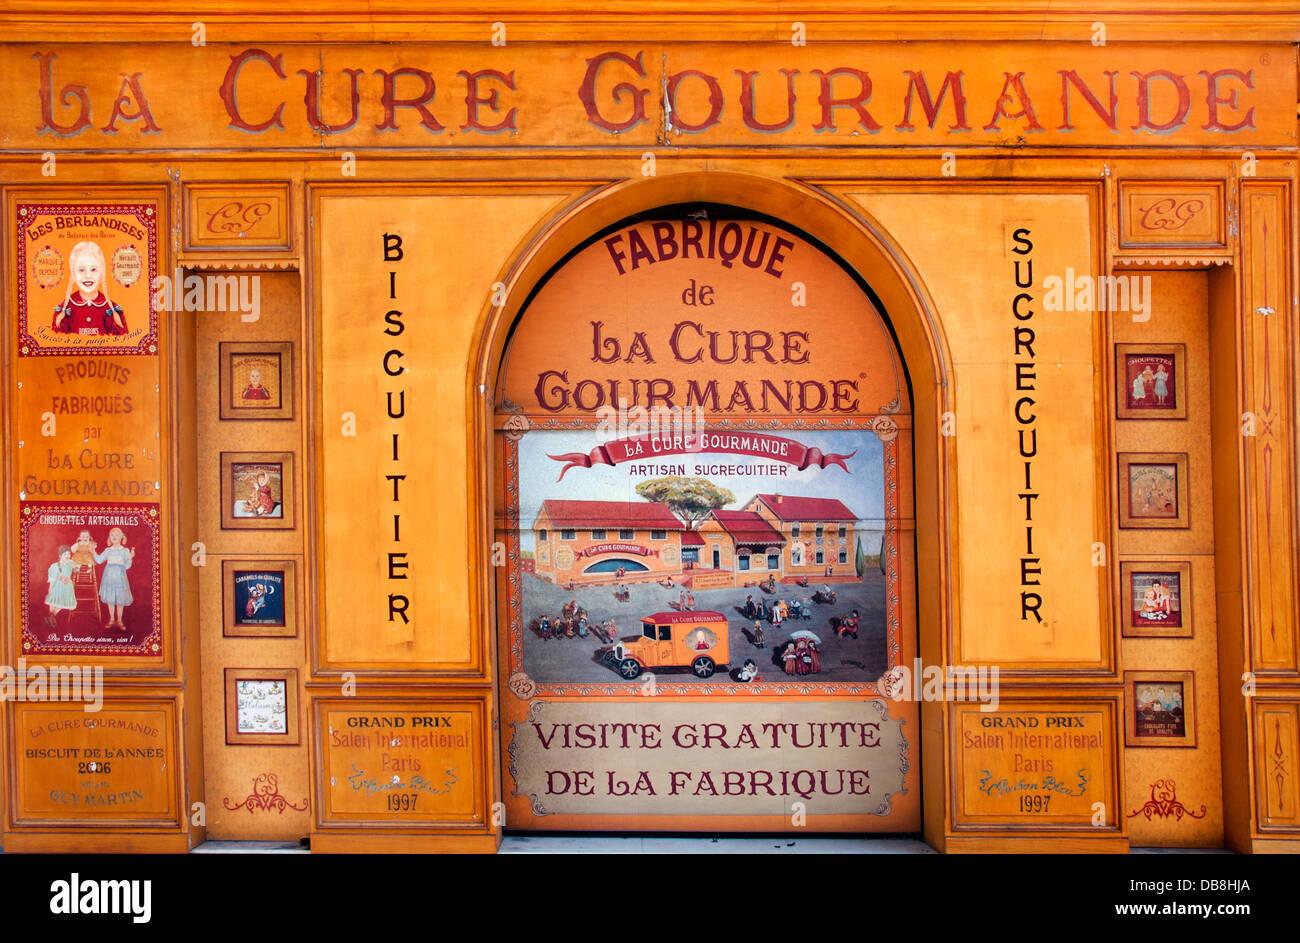 La Cure Gourmande gegründet 1989 französische Pralinen Konditorei Eis Frankreich Stockbild